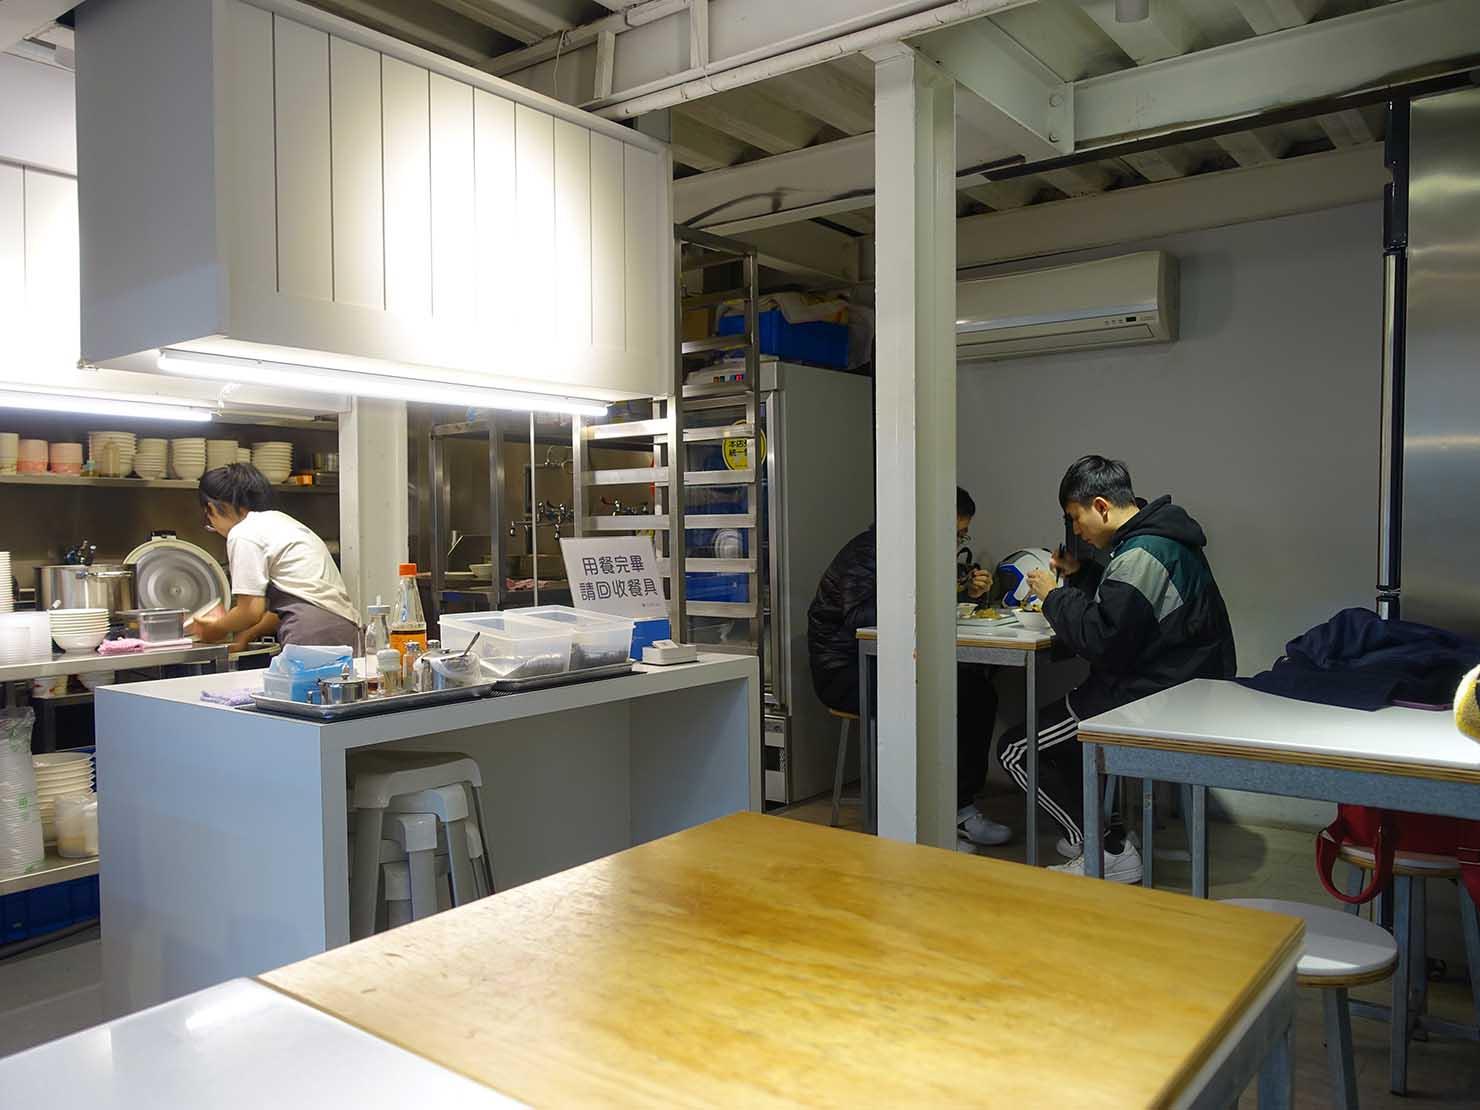 台北駅エリアのおすすめ台湾グルメ店「北北車魯肉飯」の店内